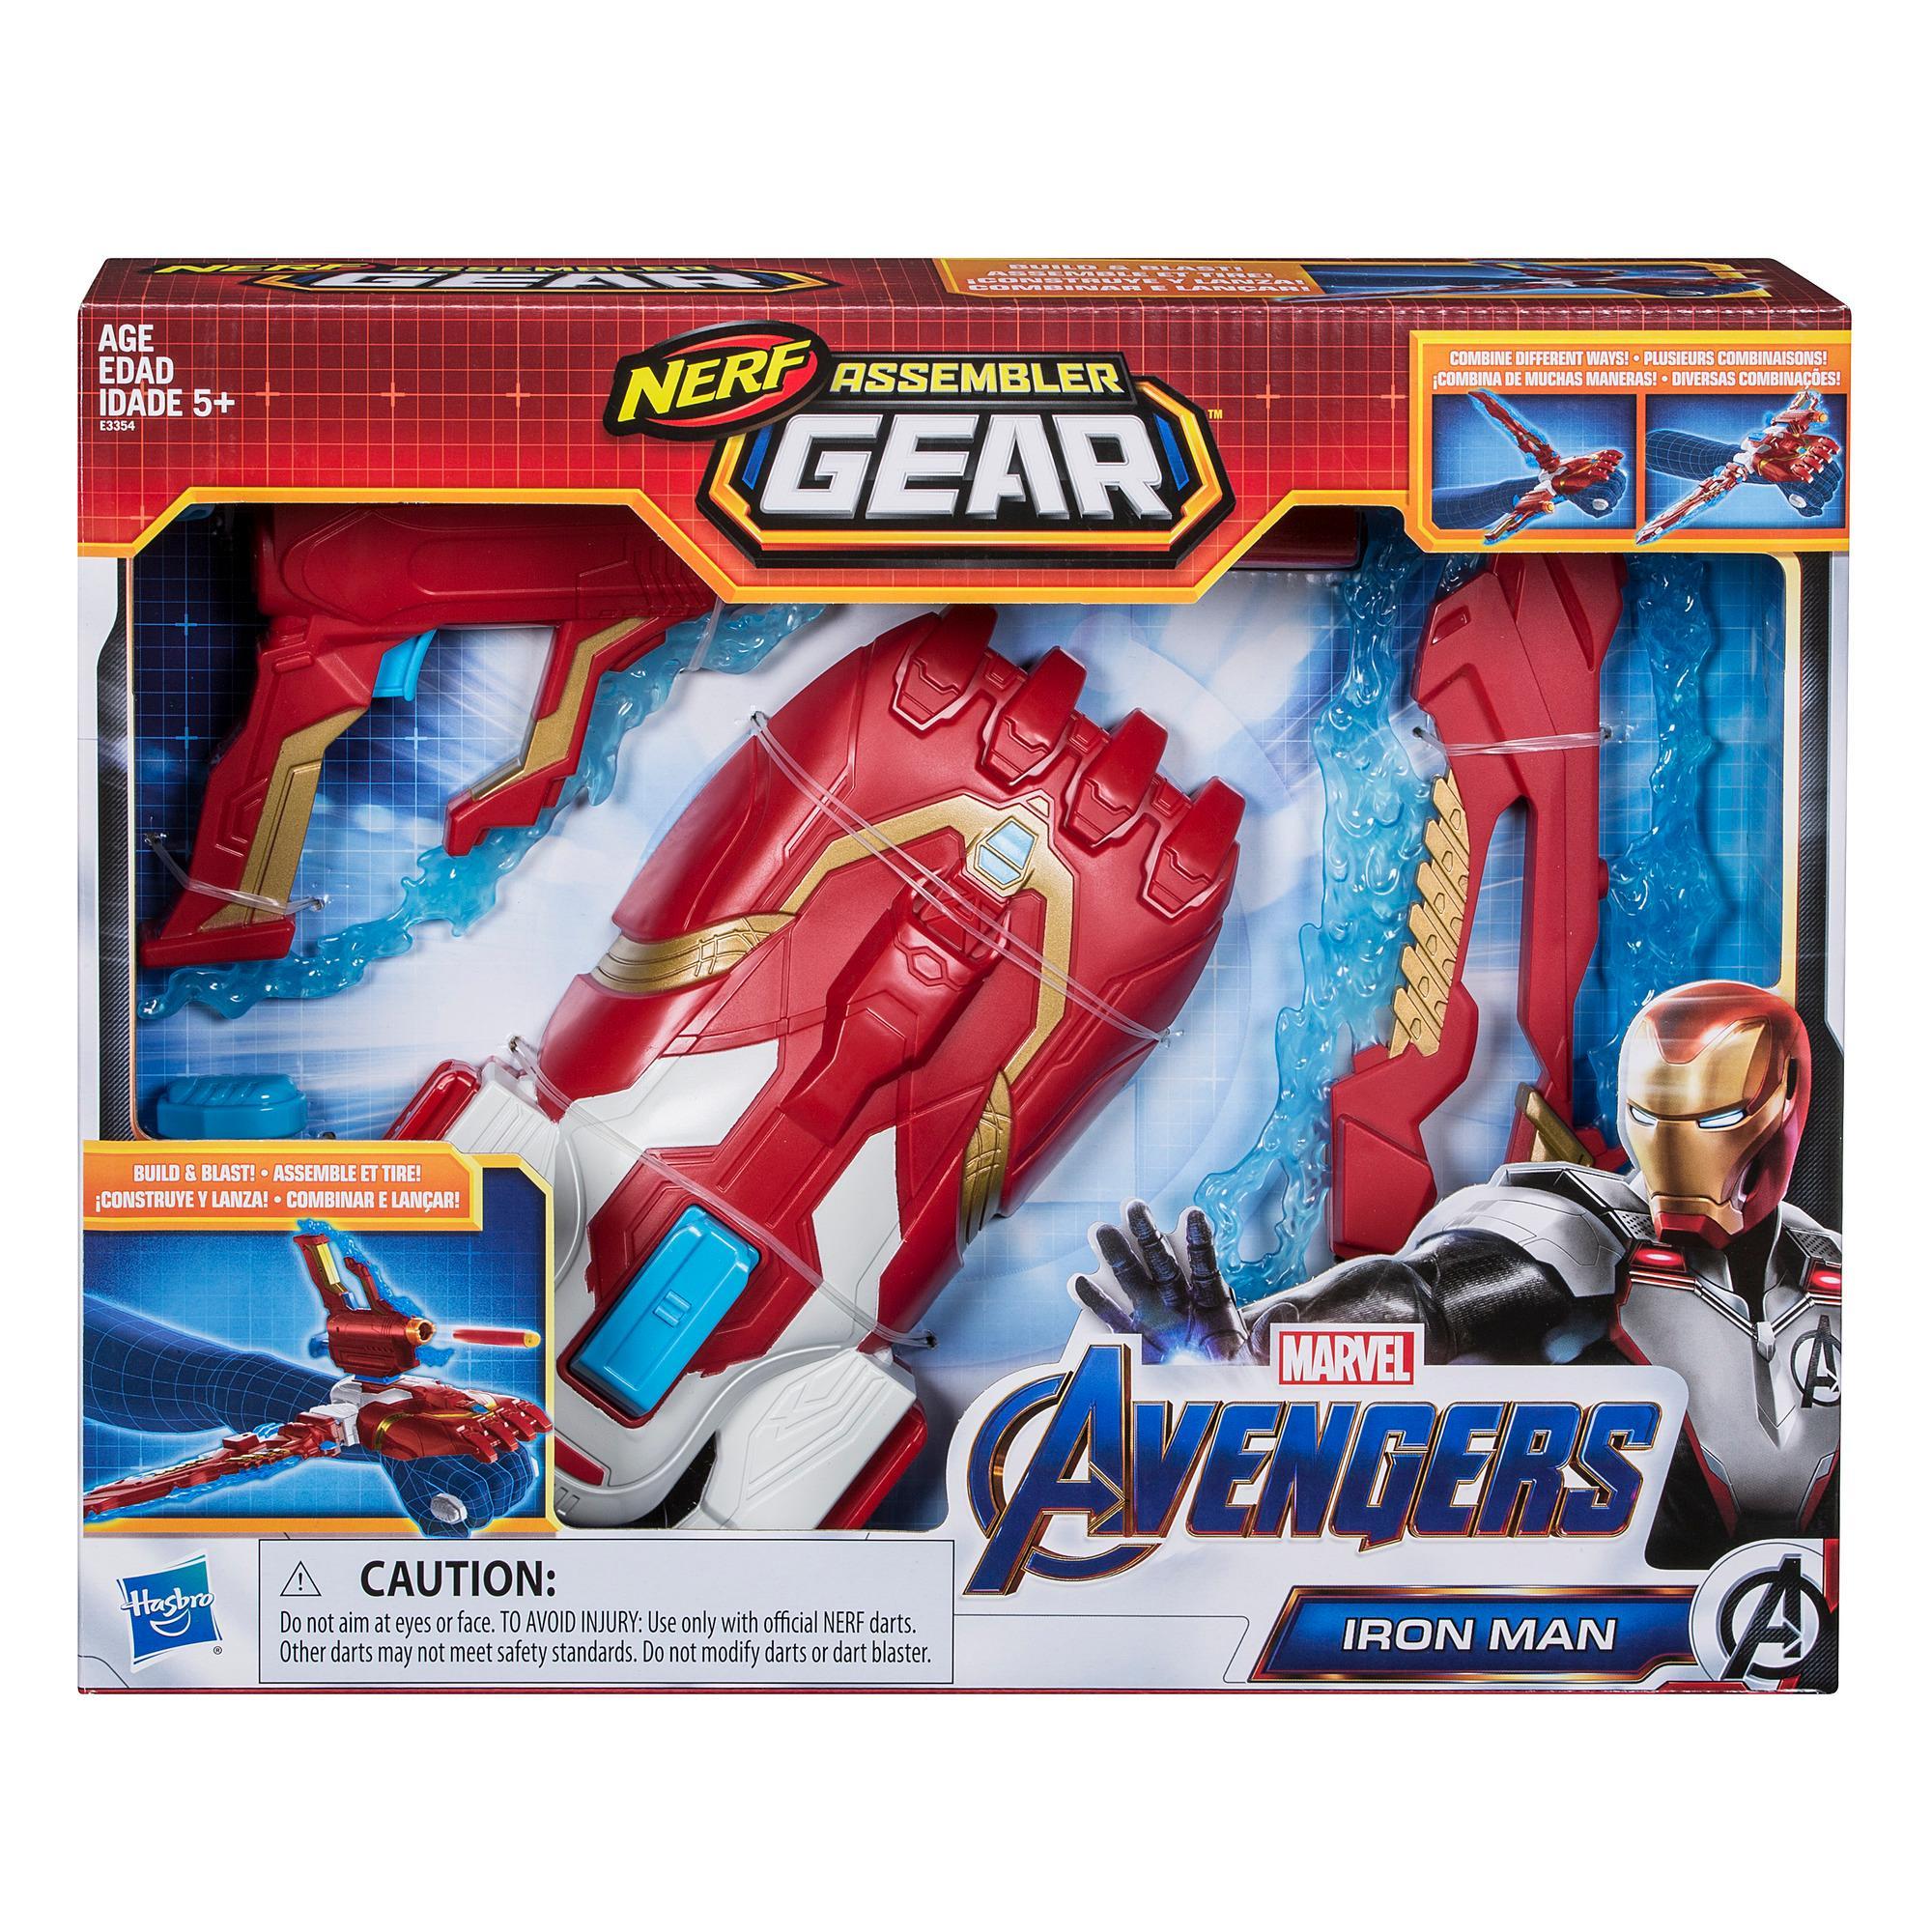 Marvel Avengers: Endgame Nerf Iron Man Assembler Gear